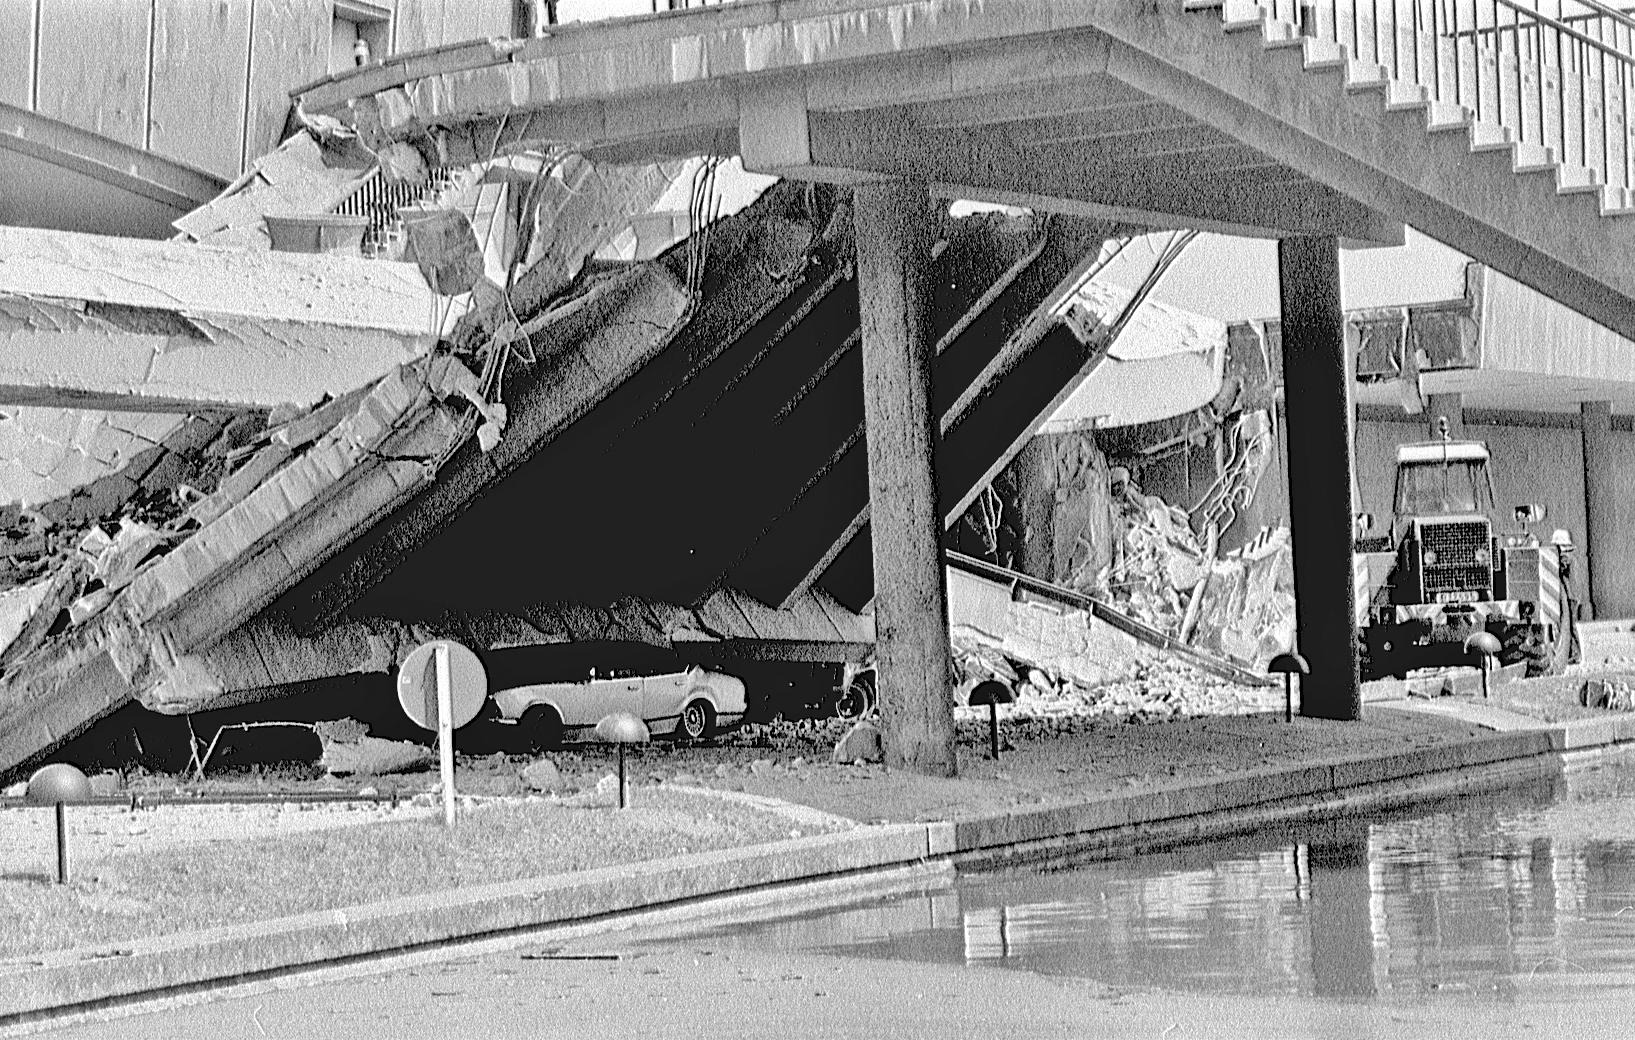 Die Kongresshalle in Berlin kurz nach dem Einsturz am 21.05.1980 - Foto von Herbert Orth